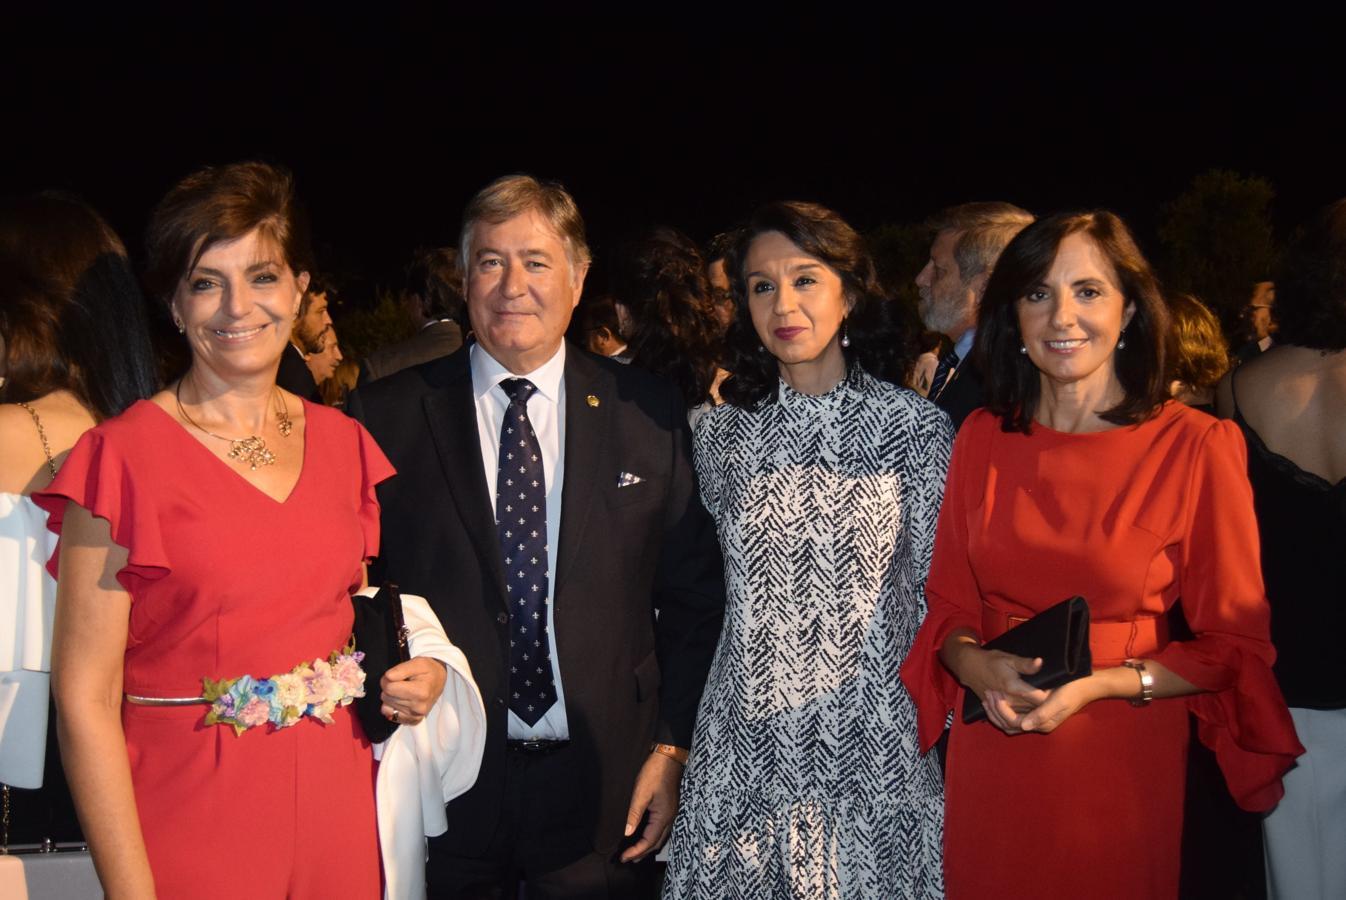 La presidenta del Colegio Oficial de Médicos de Toledo, Natividad Laín Terés; la presidenta del Colegio Oficial de Farmacéuticos de Toledo, Ana María Rodríguez Alonso; y la presidenta de Asaja, Blanca Corroto, en la cena.